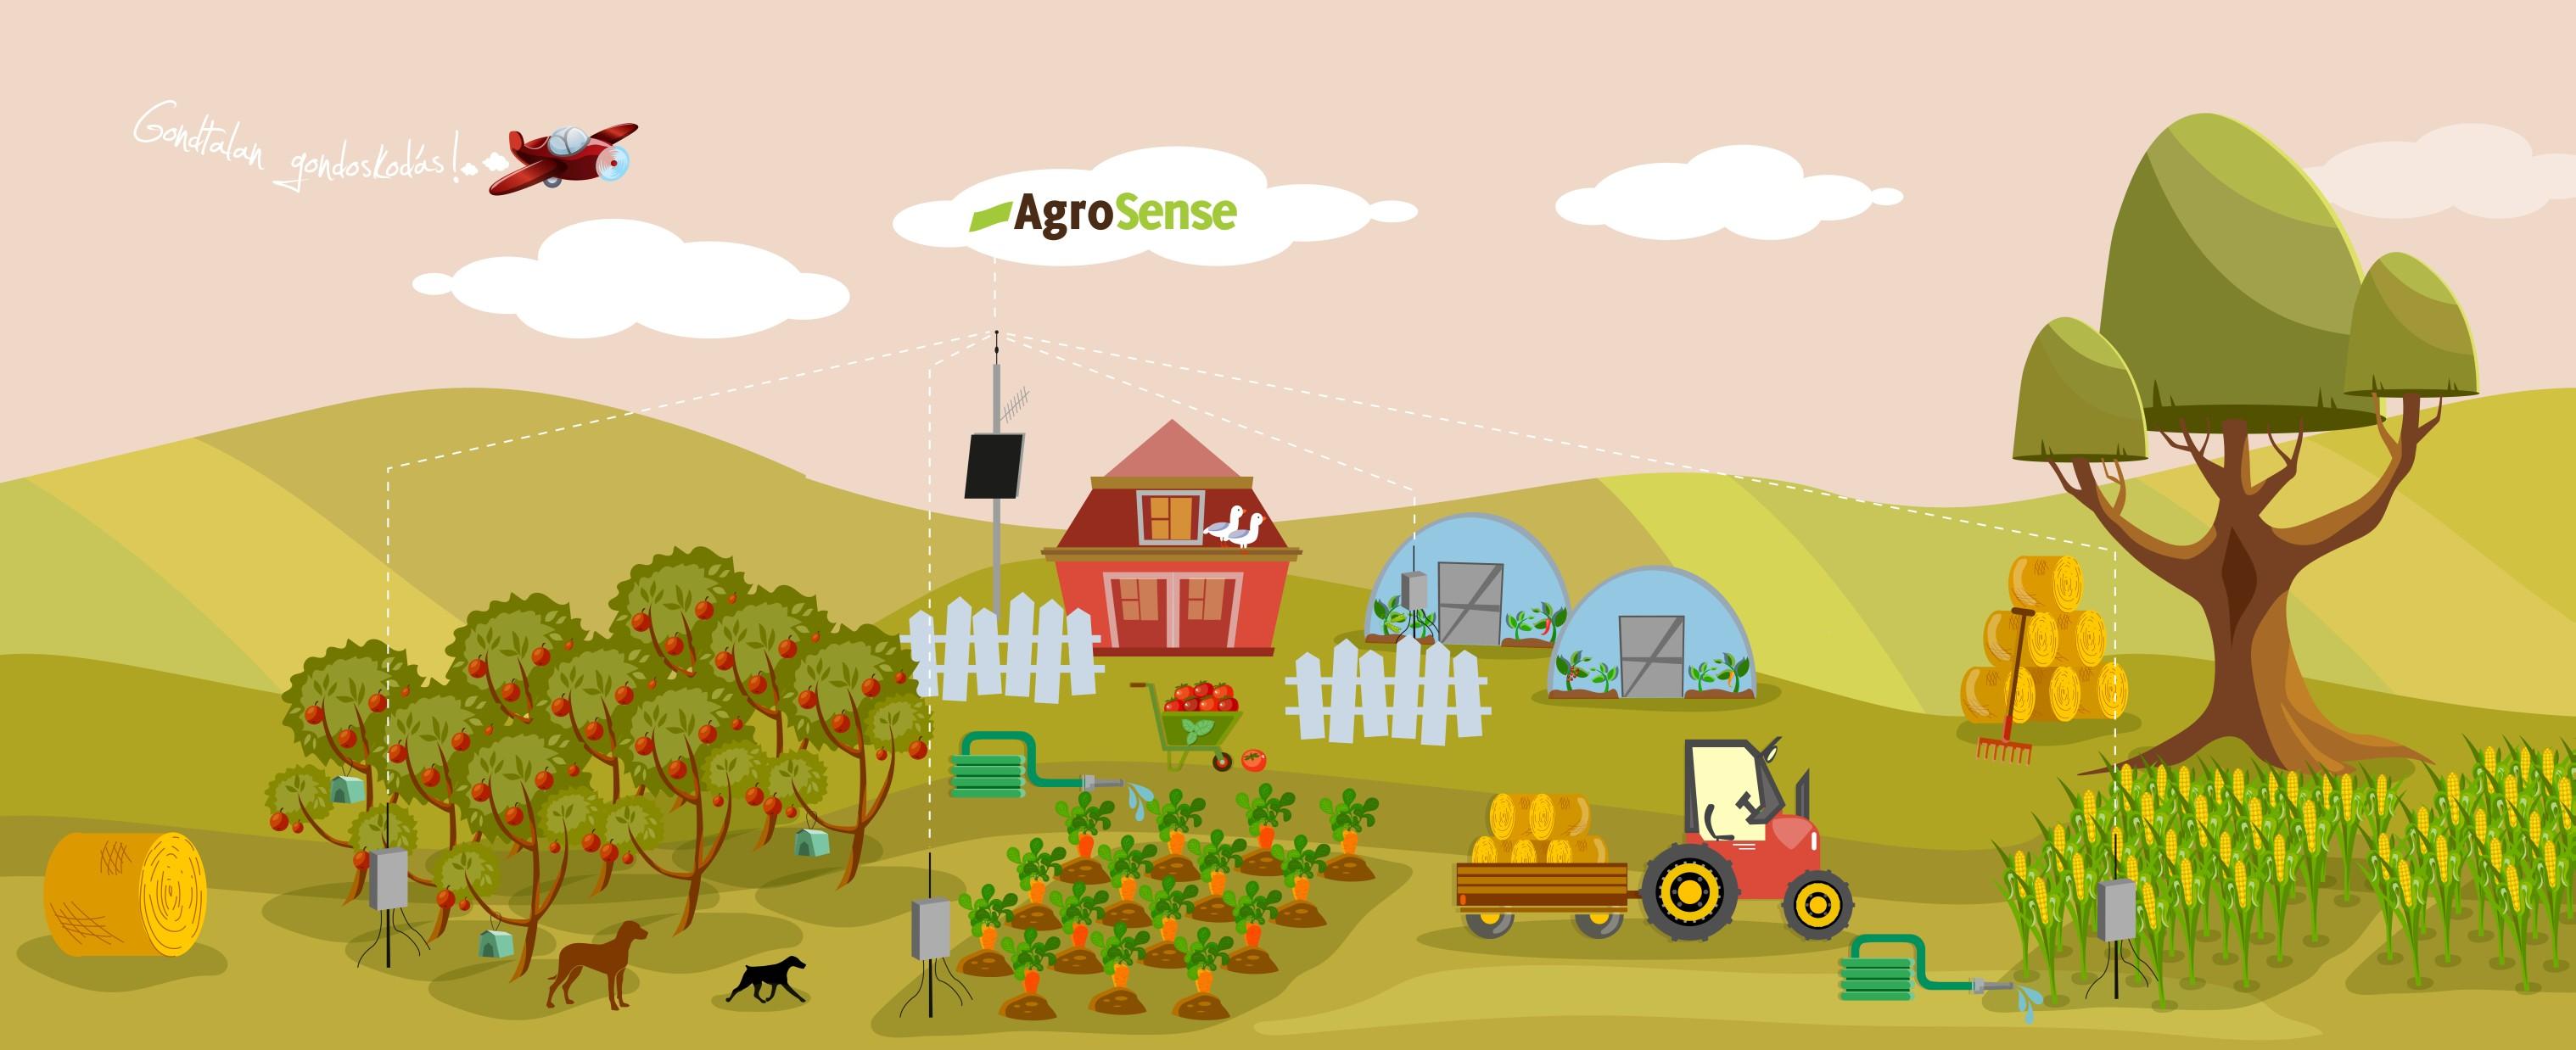 Granja AgroSense